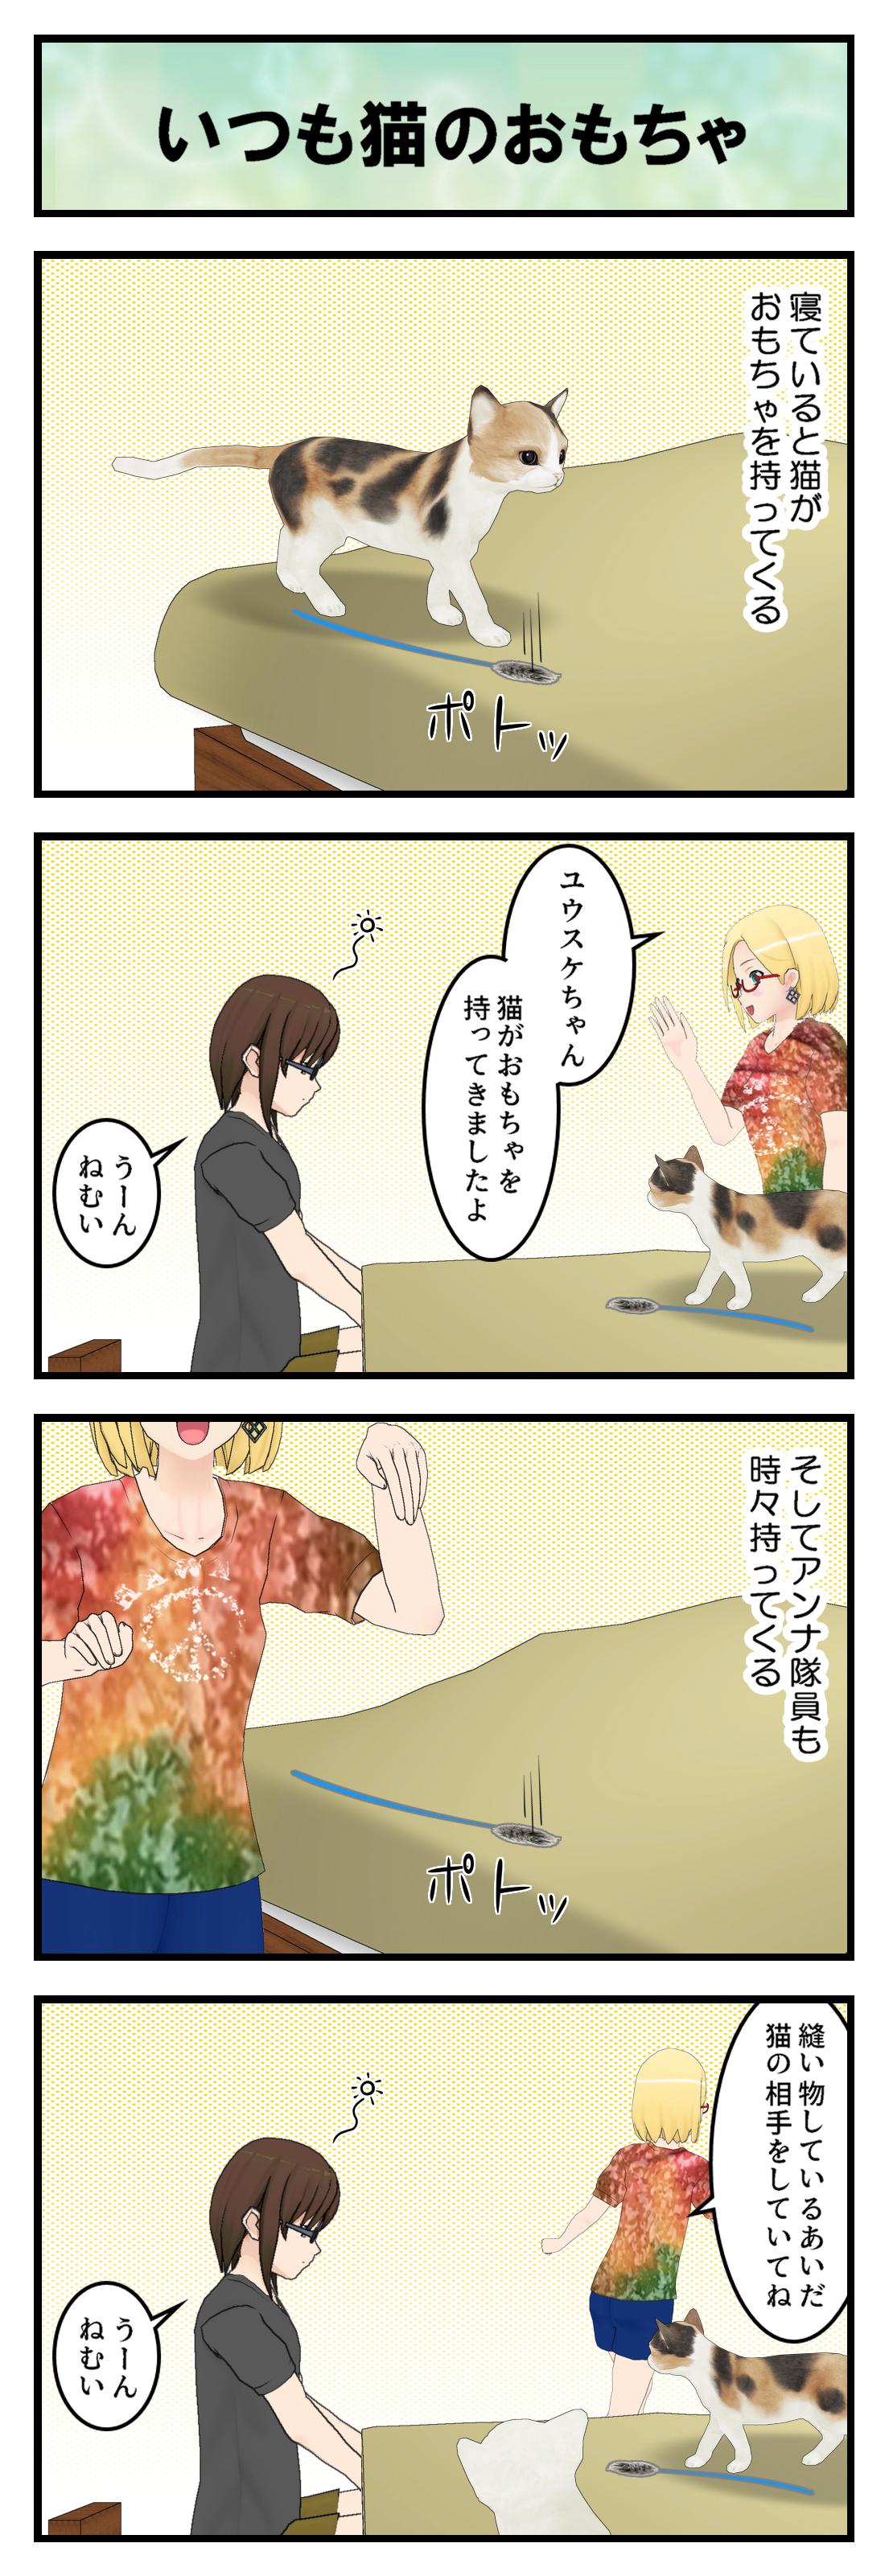 R300_ねこじゃらし_001